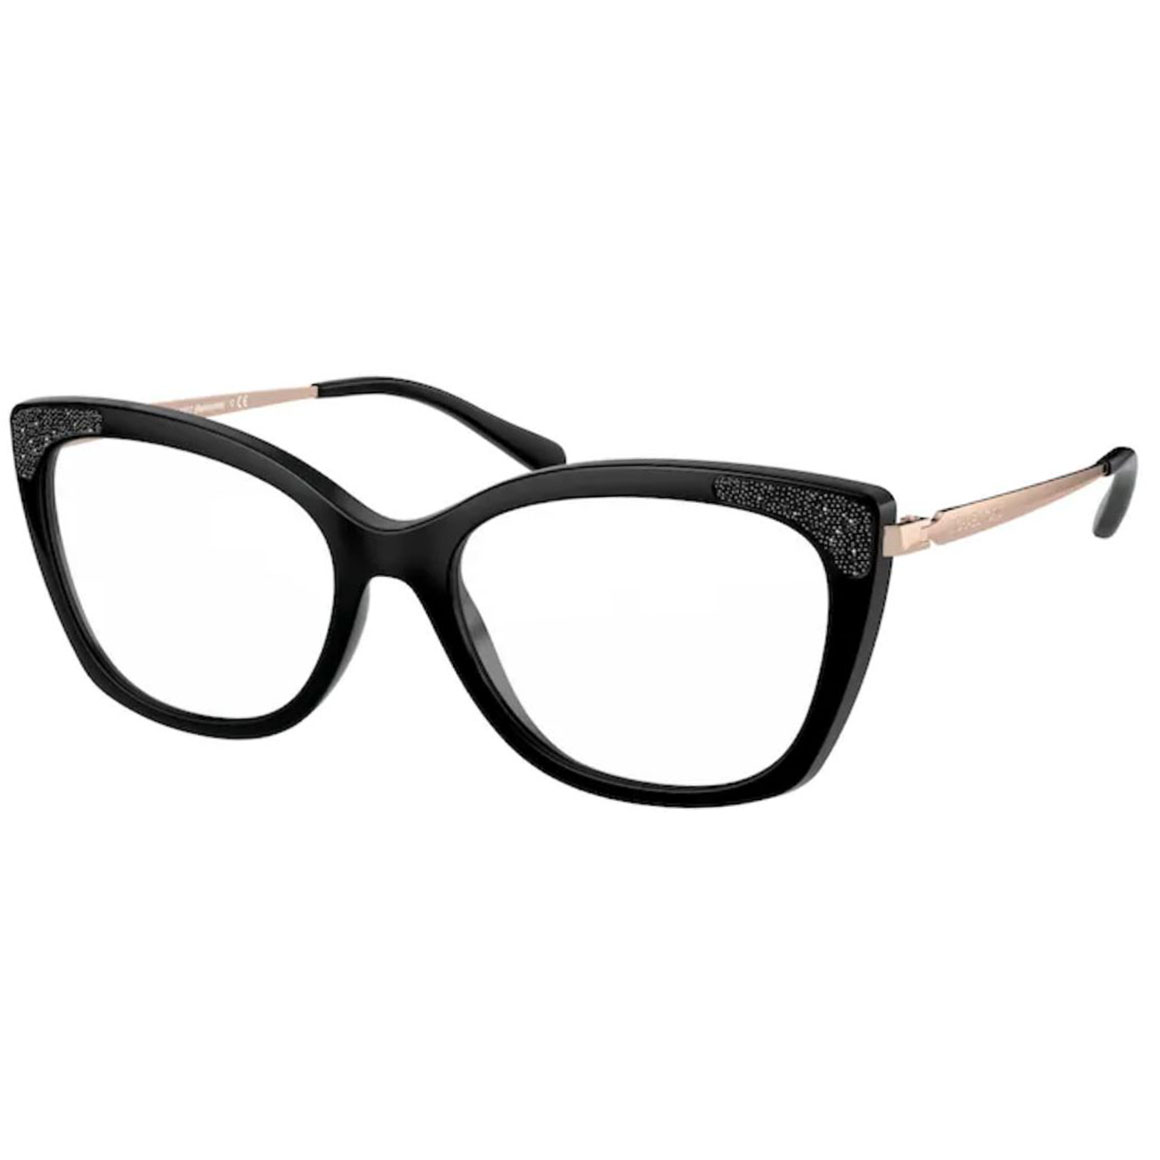 Óculos de Grau Michael Kors MK4077 Belmonte Gatinho Preto Brilho